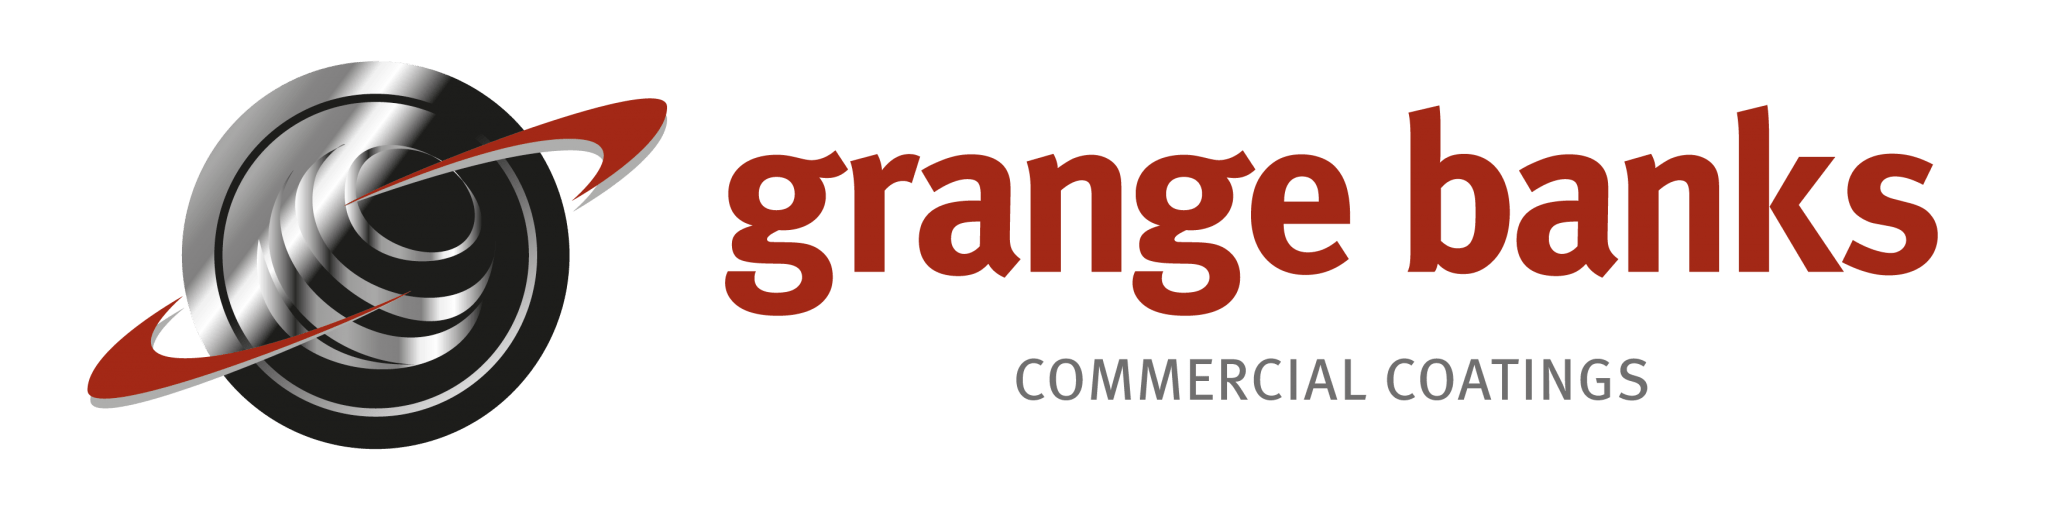 Grange Banks Commercial Coating